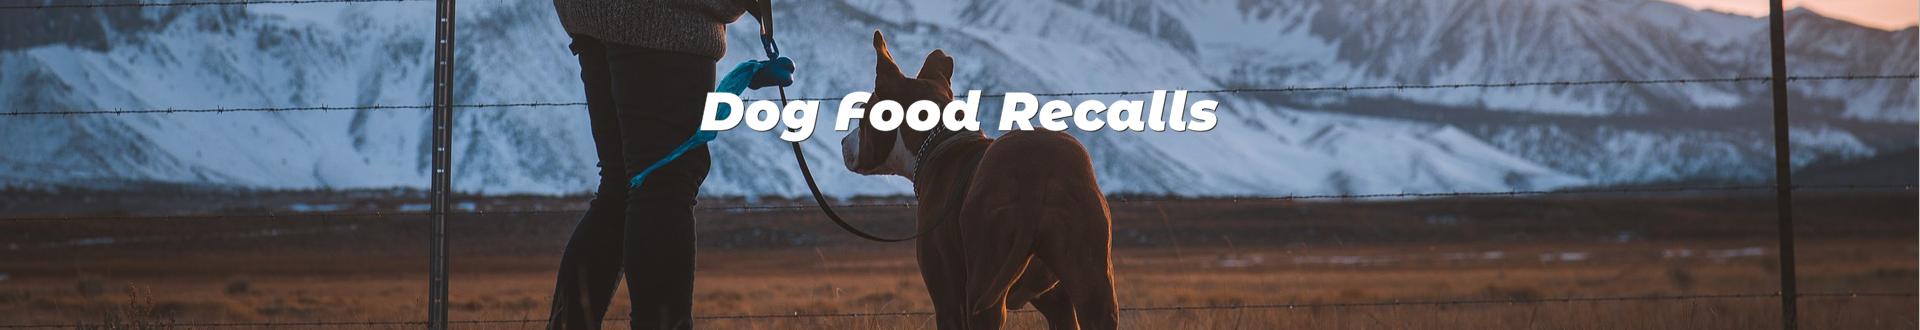 DOG FOOD RECALLS